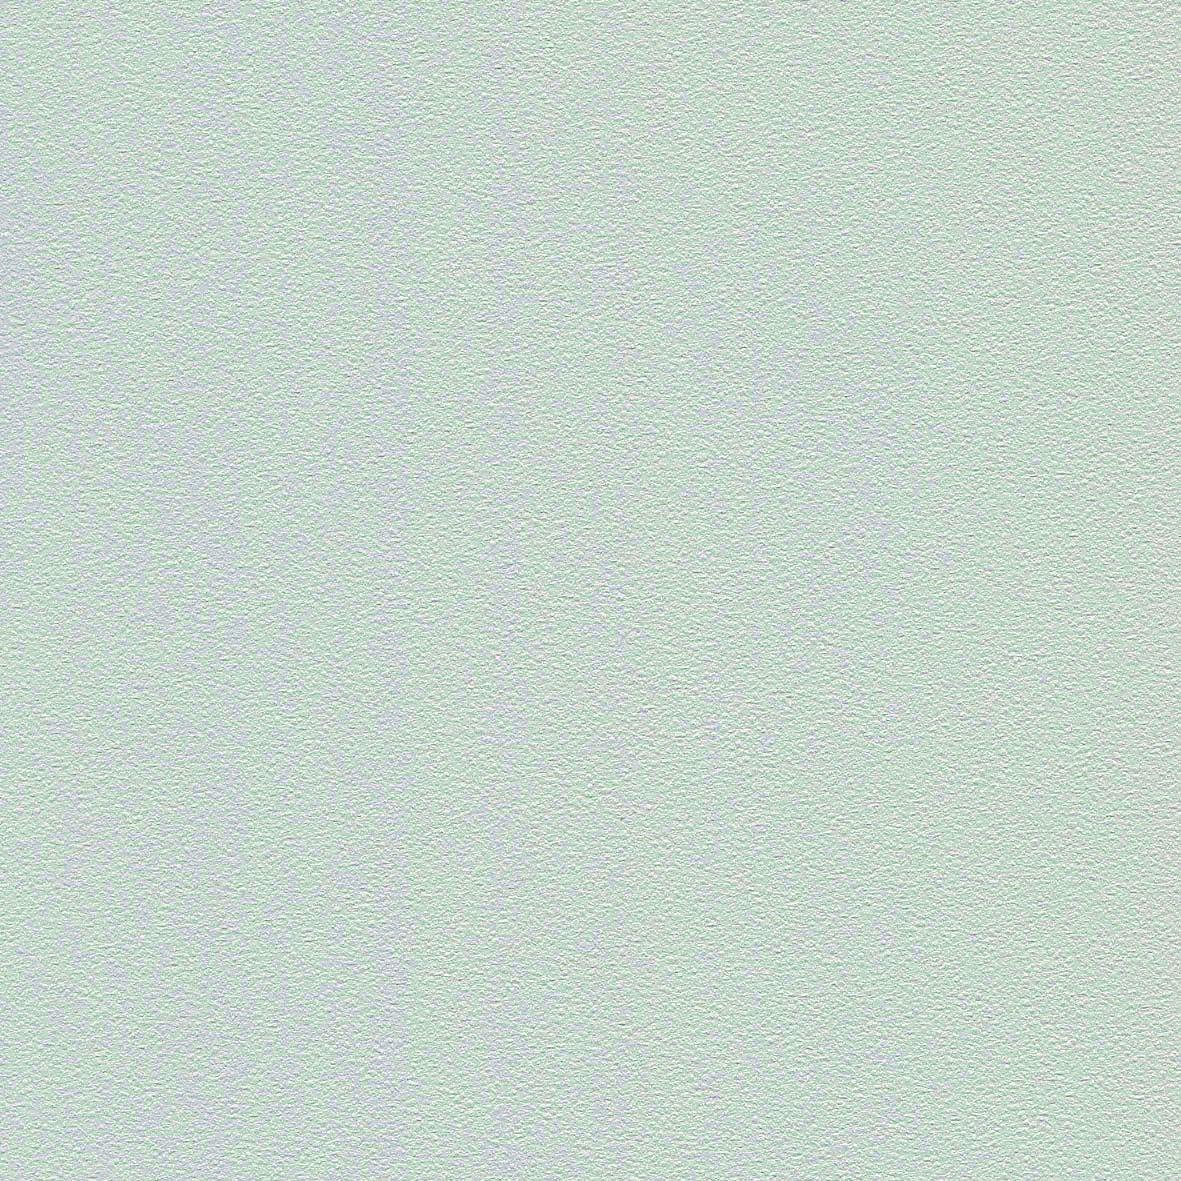 リリカラ 壁紙44m シンフル 無地 グレー LL-8843 B01N3WECM4 44m|グレー